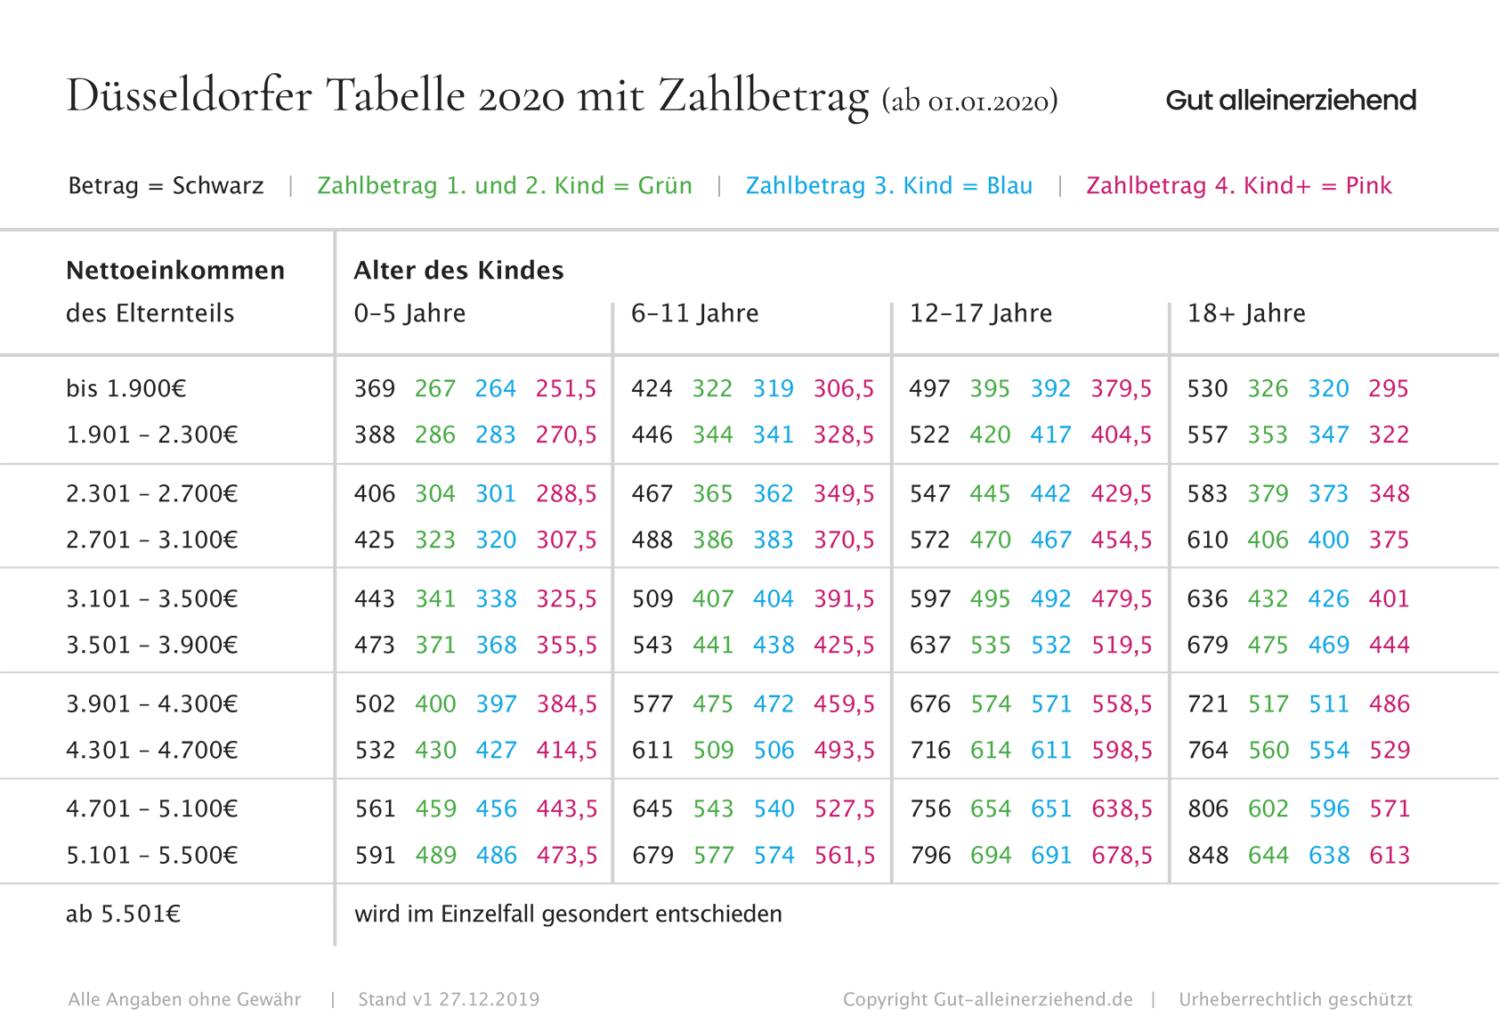 Düsseldorfer Tabelle 2020 mit Zahlbetrag